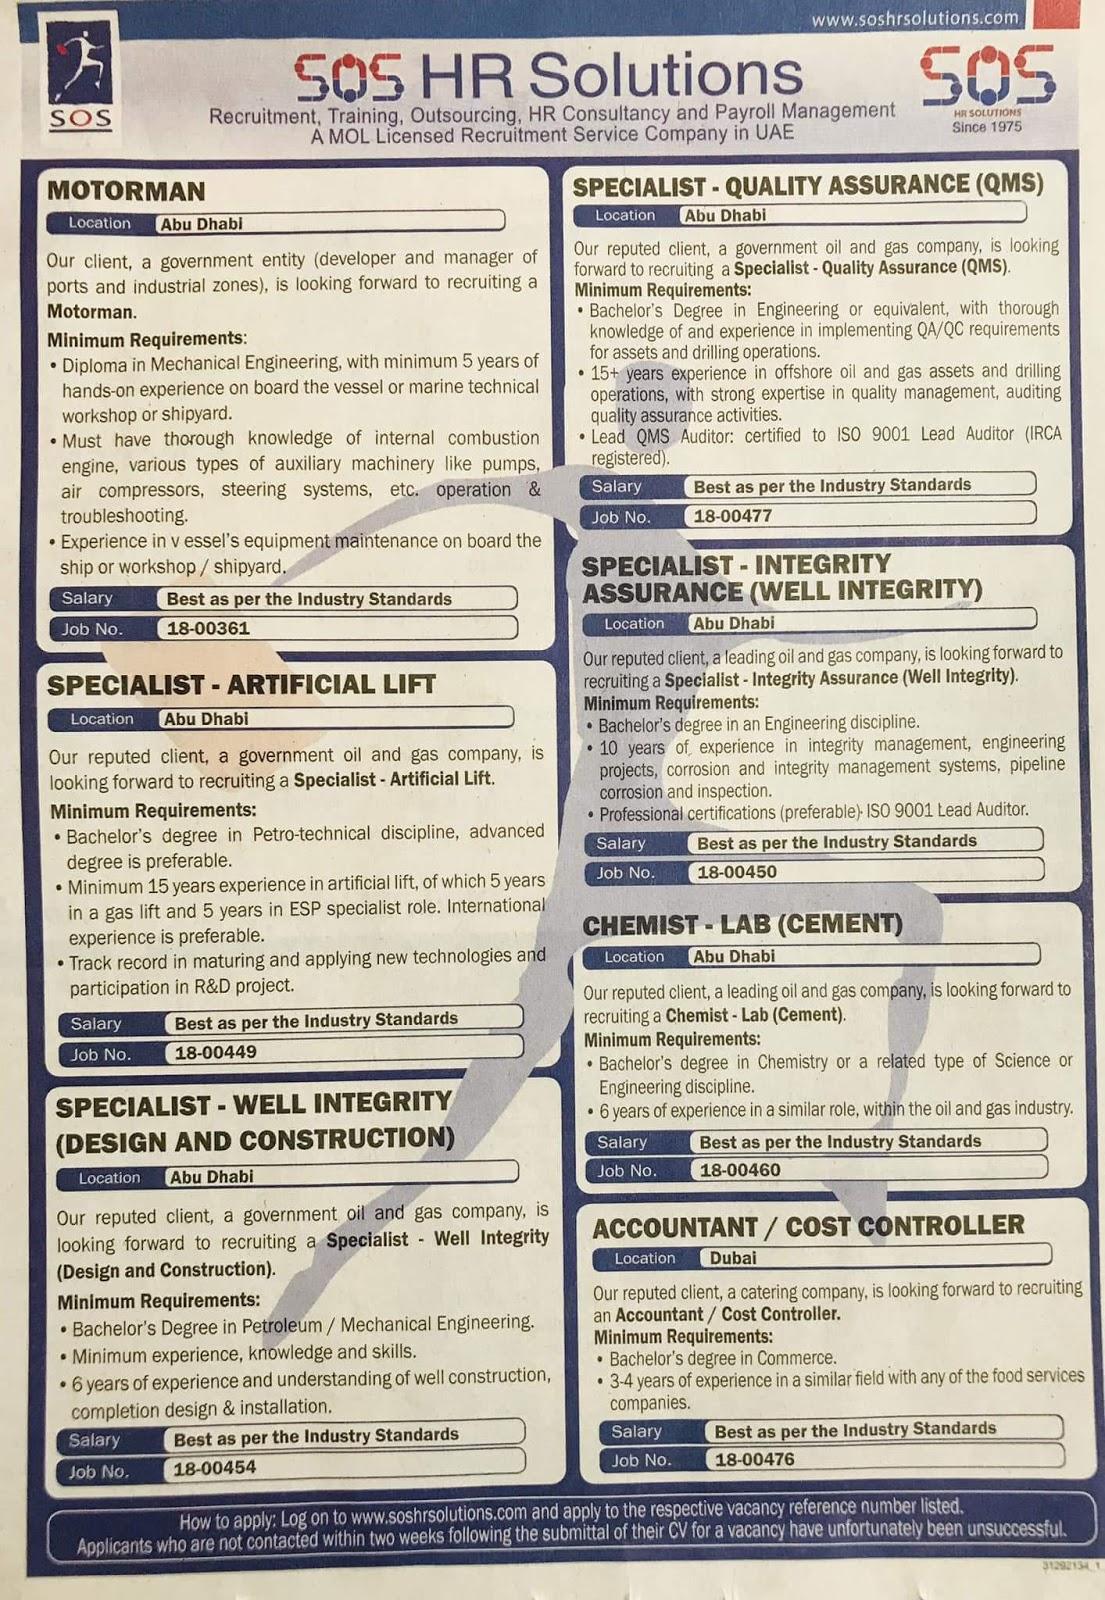 JOBS IN HR SOLUTION UAE JOBS LOCAL HIRING KHALEEJ TIMES-UAE